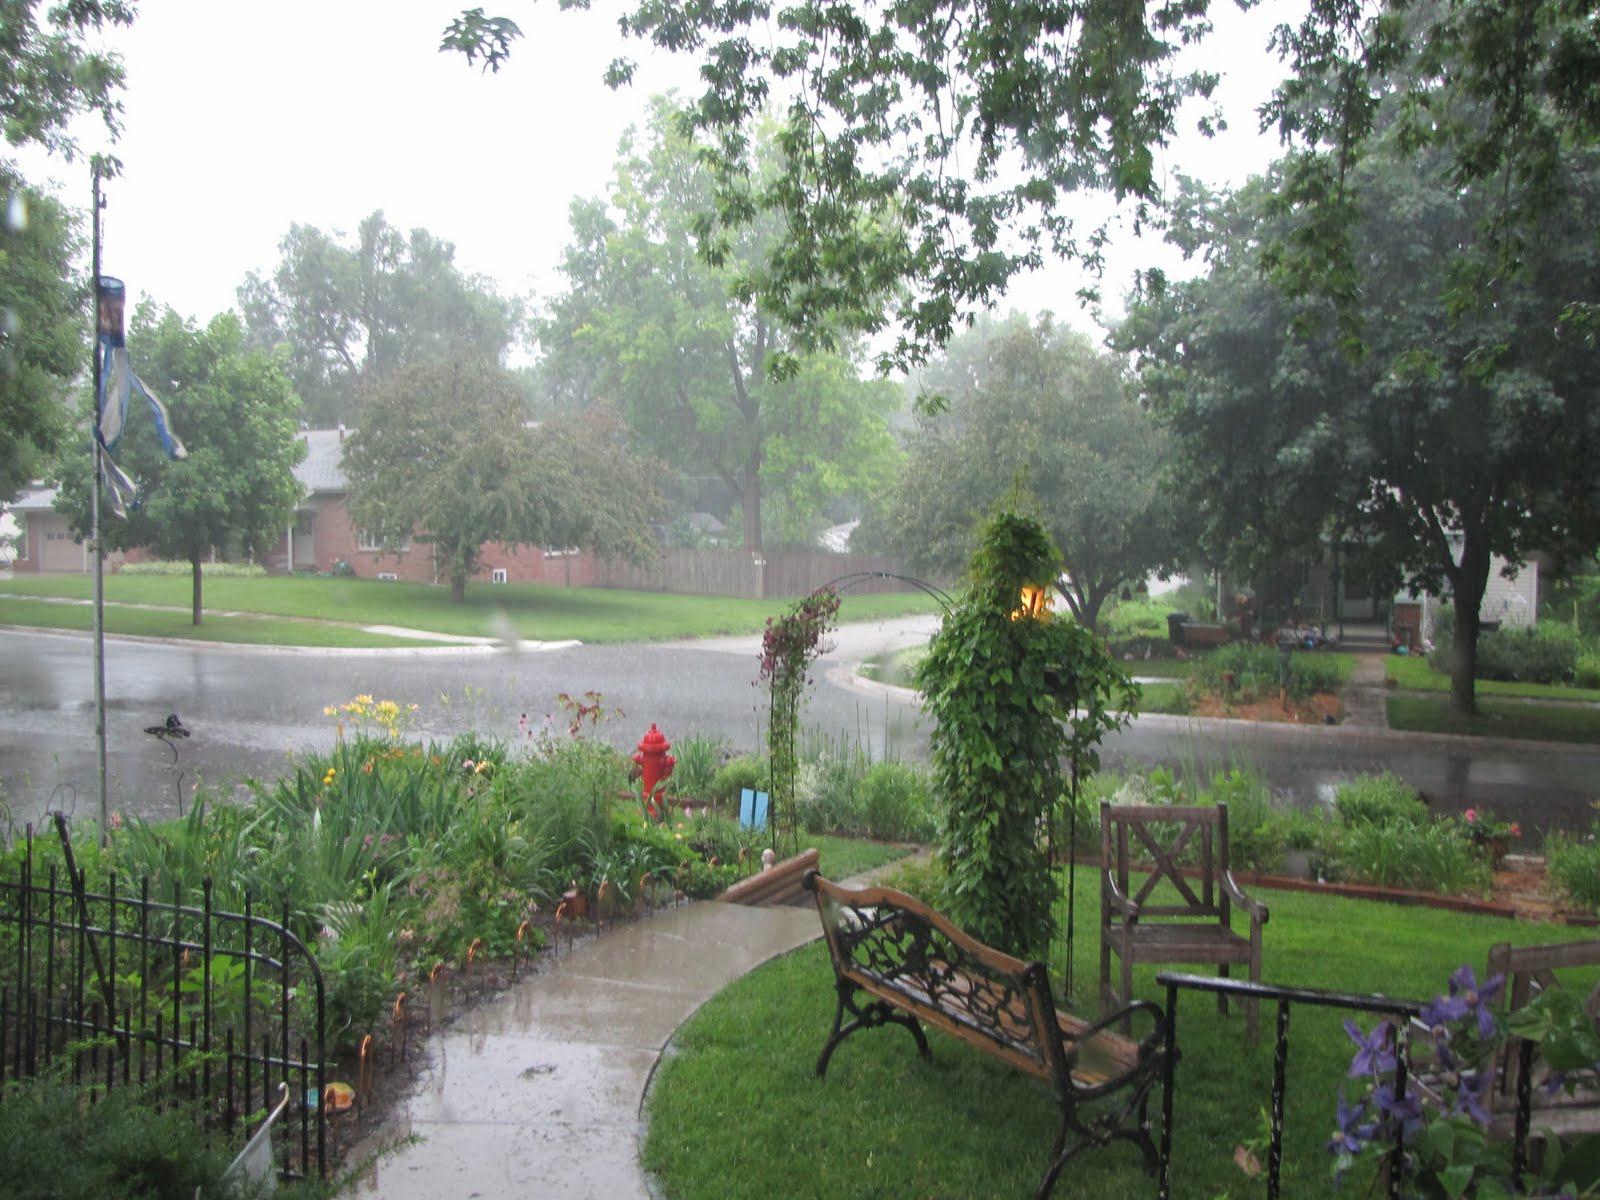 A Corner Garden: A Rainy Day for Garden Tours